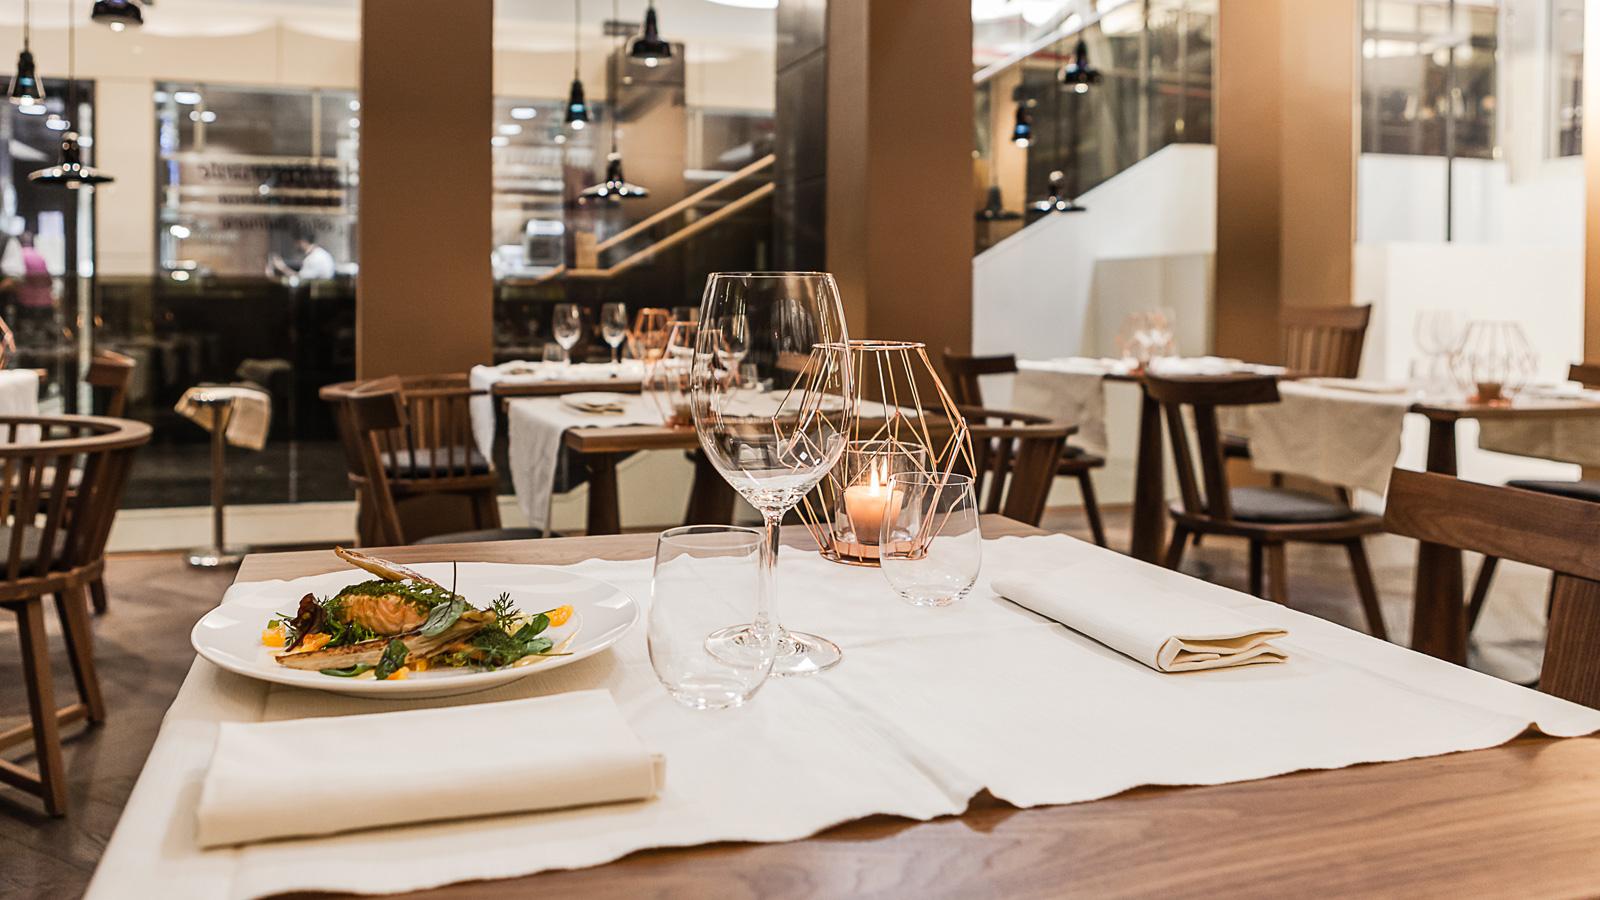 La Credenza Torino Galleria San Federico : Fiorfood ristorante a torino